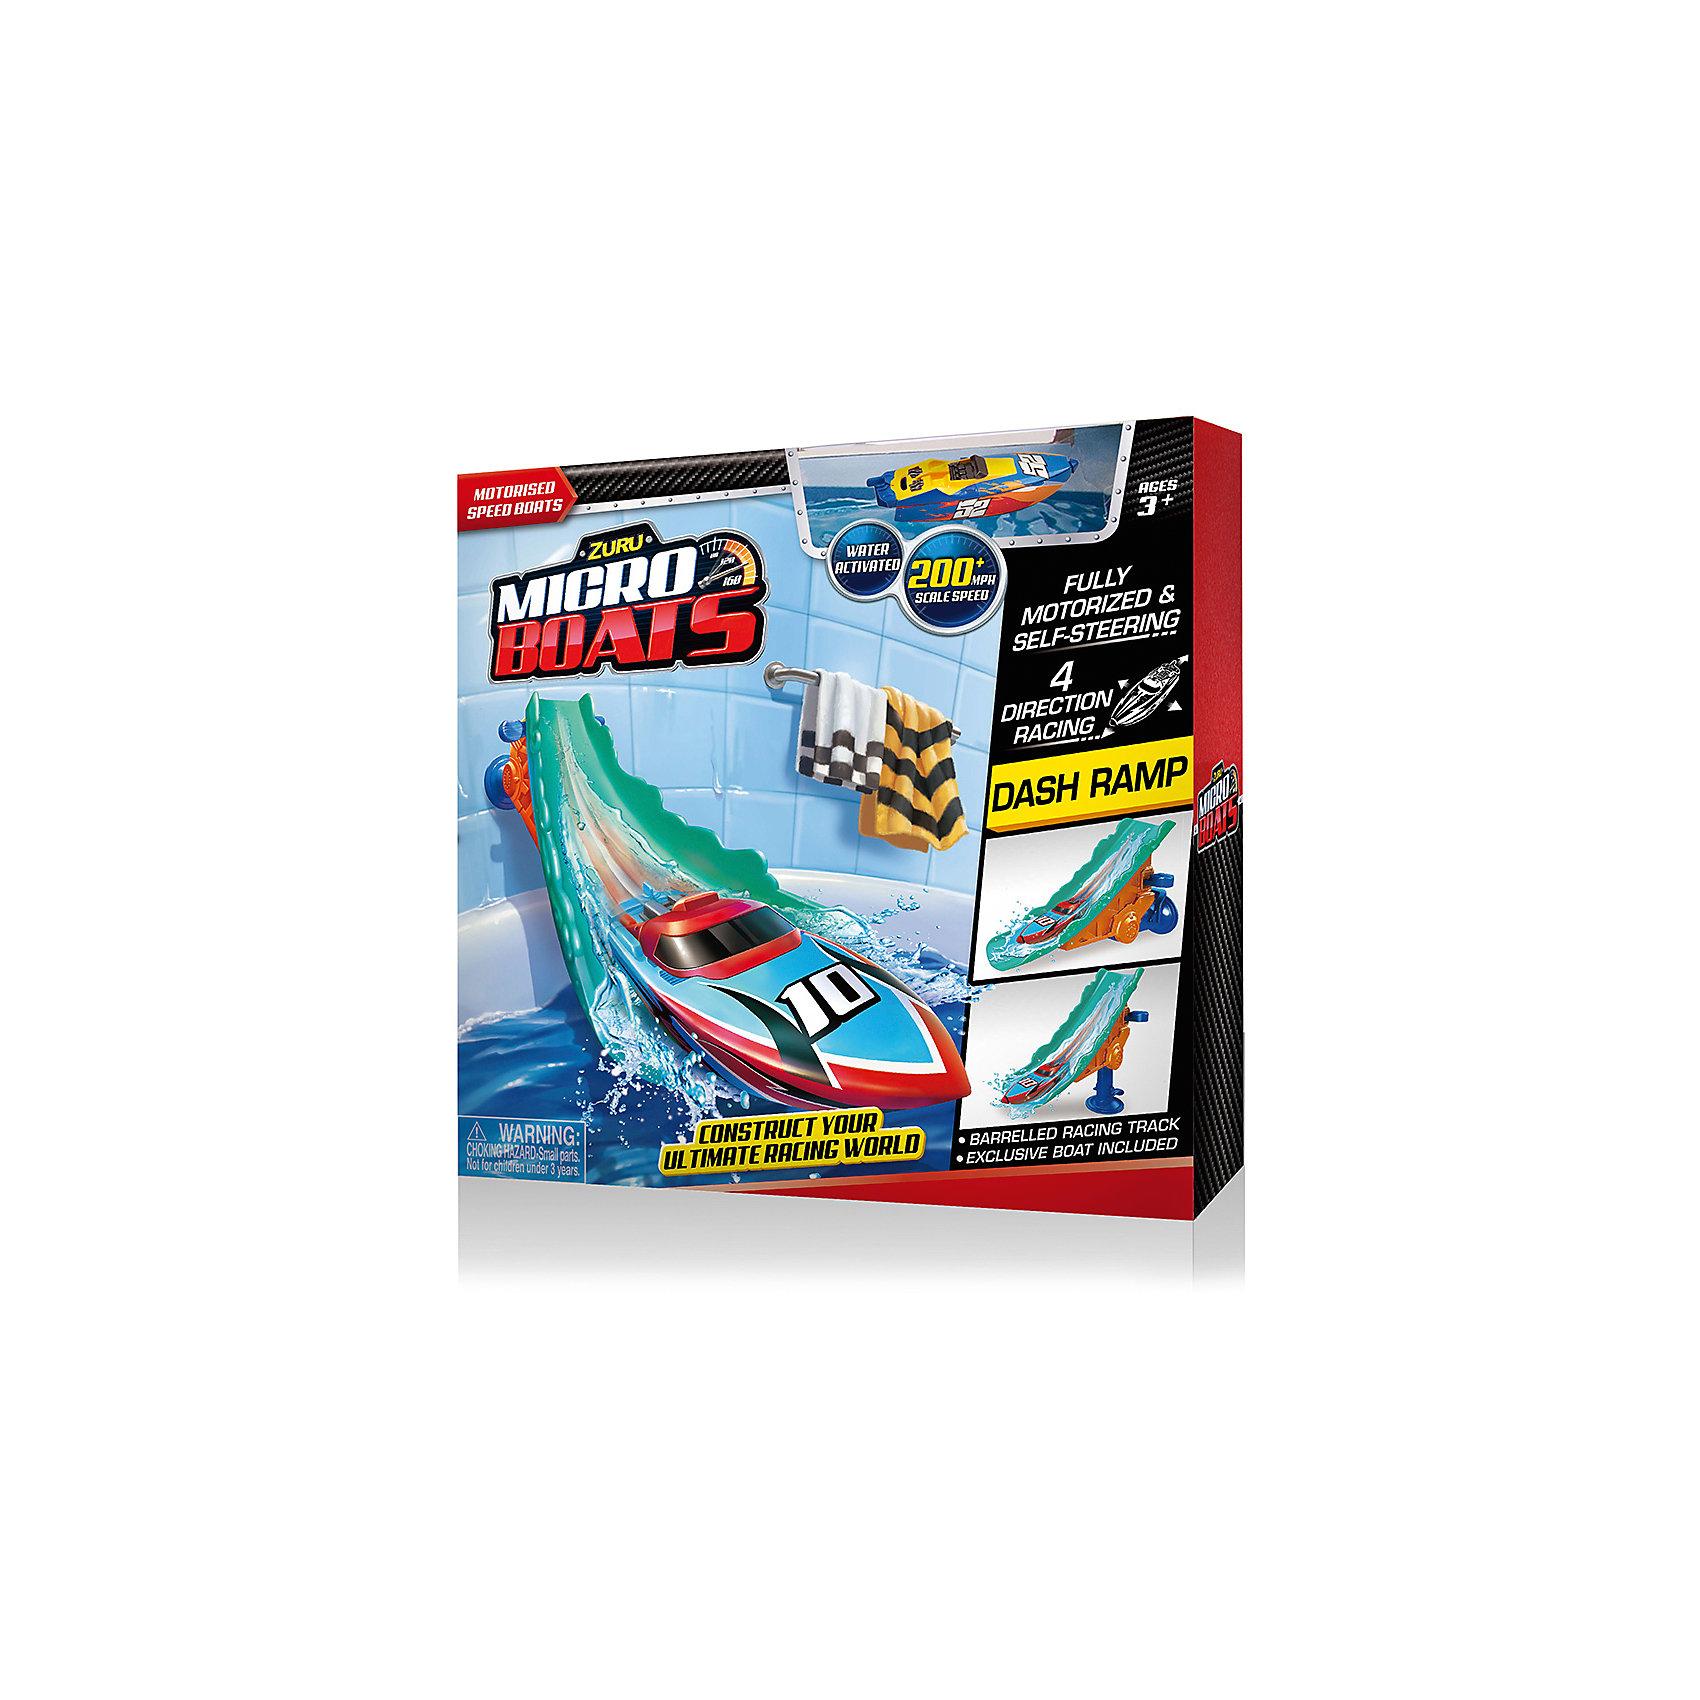 Набор Роболодка с трамплином, MICROBOATS, ZuruЗаводные игрушки<br>Характеристики товара:<br><br>• возраст от 3 лет<br>• материал: пластик<br>• в комплекте: лодка, трамплин<br>• тип батареек: 2 алкалиновых батарейки А76 или RL44<br>• наличие батареек: входят в комплект (вставлены в игрушку)<br>• размер упаковки 30х30х8 см<br>• вес упаковки 380 г.<br>• страна бренда: Новая Зеландия<br>• страна производитель: Китай<br><br>Набор «Роболодка с трамплином» Microboats Zuru — сделает процесс купания веселым и увлекательным. При спуске с трамплина на воду лодочка начинает плыть. Она оснащена специальным сенсорным датчиком. Который реагирует на воду. Лодка умеет плавать в 4 разных направлениях, а при столкновении с препятствием начинает плыть назад. Малыш может брать лодку в собой не только в ванную, но и запускать ее в бассейне или водоеме, чтобы весело провести время. <br><br>На трамплине имеется присоска, чтобы крепить его на поверхность. Игрушка изготовлена из качественного безопасного пластика с использованием нетоксичных красителей. Работает от 2 батареек LR44 (в комплекте).<br><br>Набор «Роболодка с трамплином» Microboats Zuru можно приобрести в нашем интернет-магазине.<br><br>Ширина мм: 800<br>Глубина мм: 300<br>Высота мм: 300<br>Вес г: 380<br>Возраст от месяцев: 36<br>Возраст до месяцев: 2147483647<br>Пол: Унисекс<br>Возраст: Детский<br>SKU: 5528474